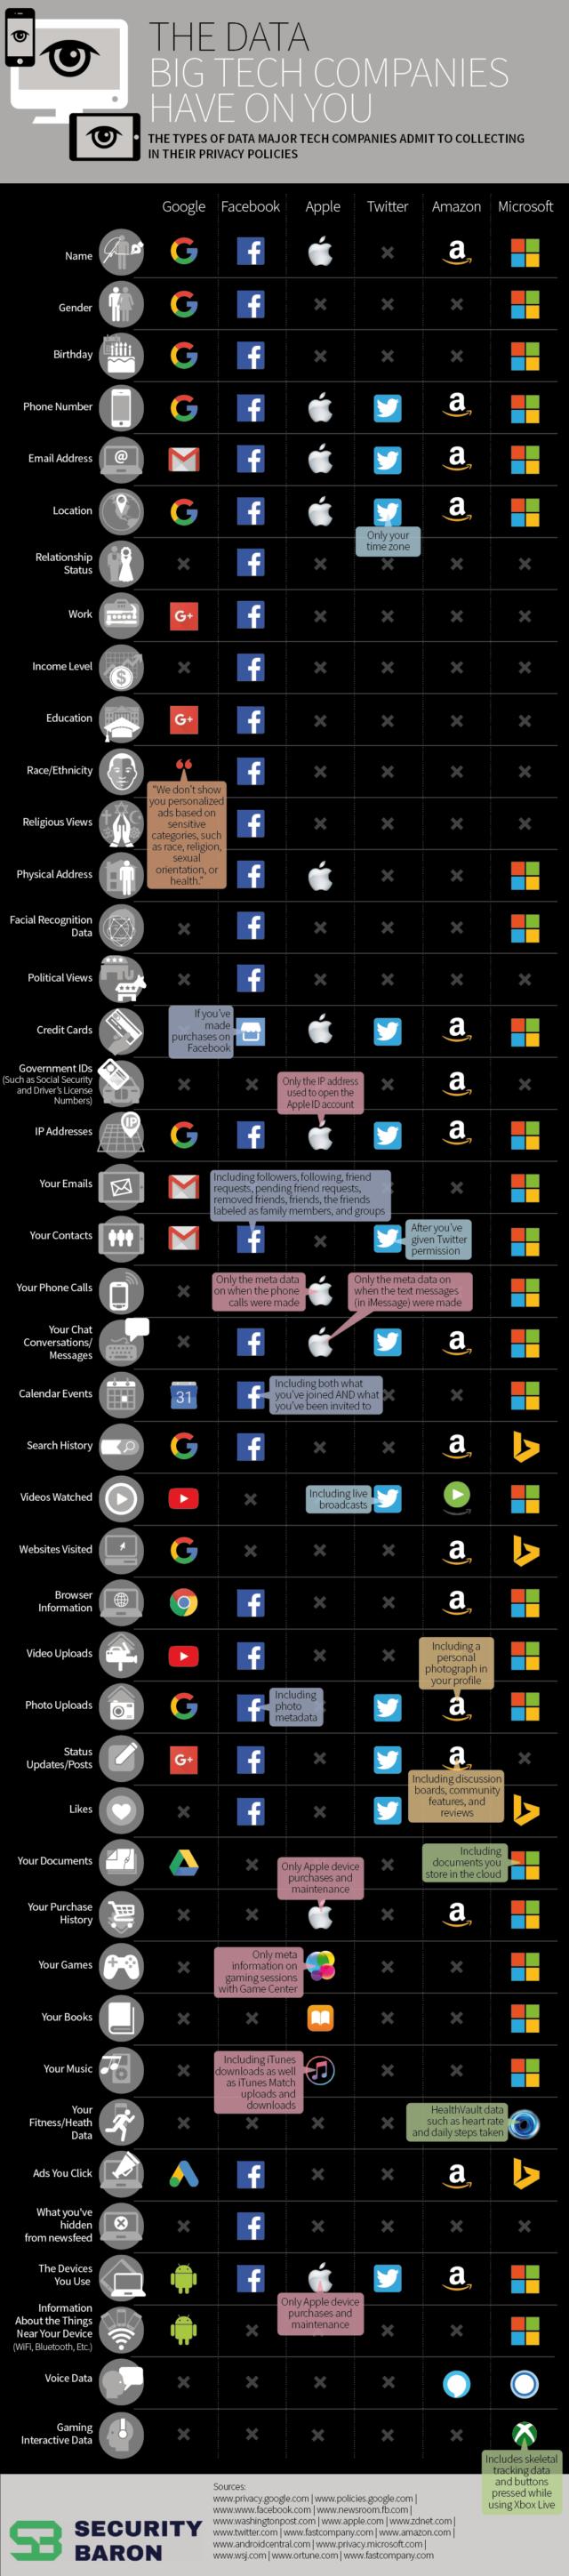 Les géants de la tech & nos données privées en infographie